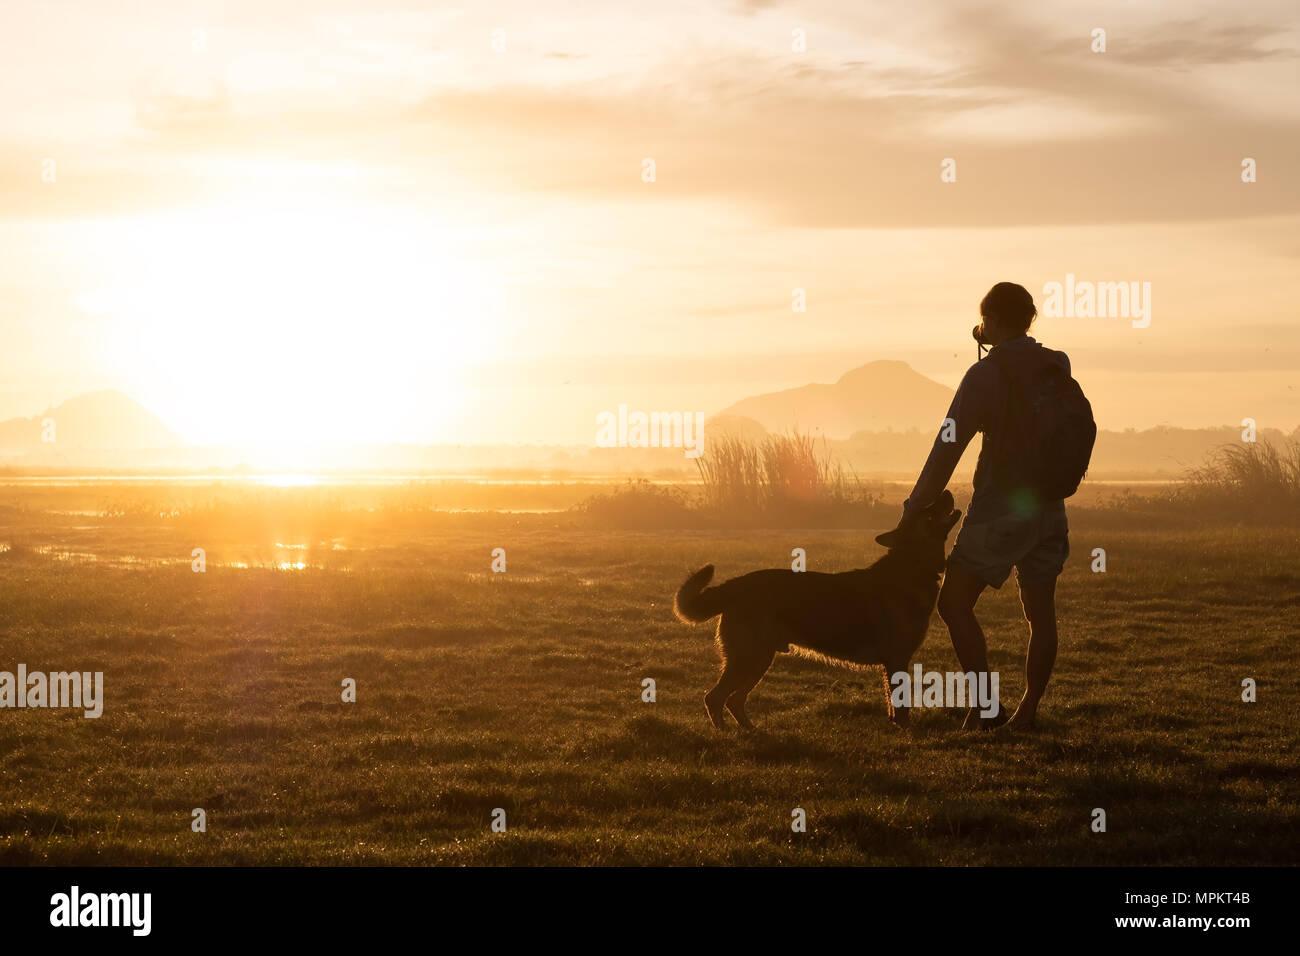 Silhouette di donna e cane a camminare su sfondo al tramonto. Immagini Stock